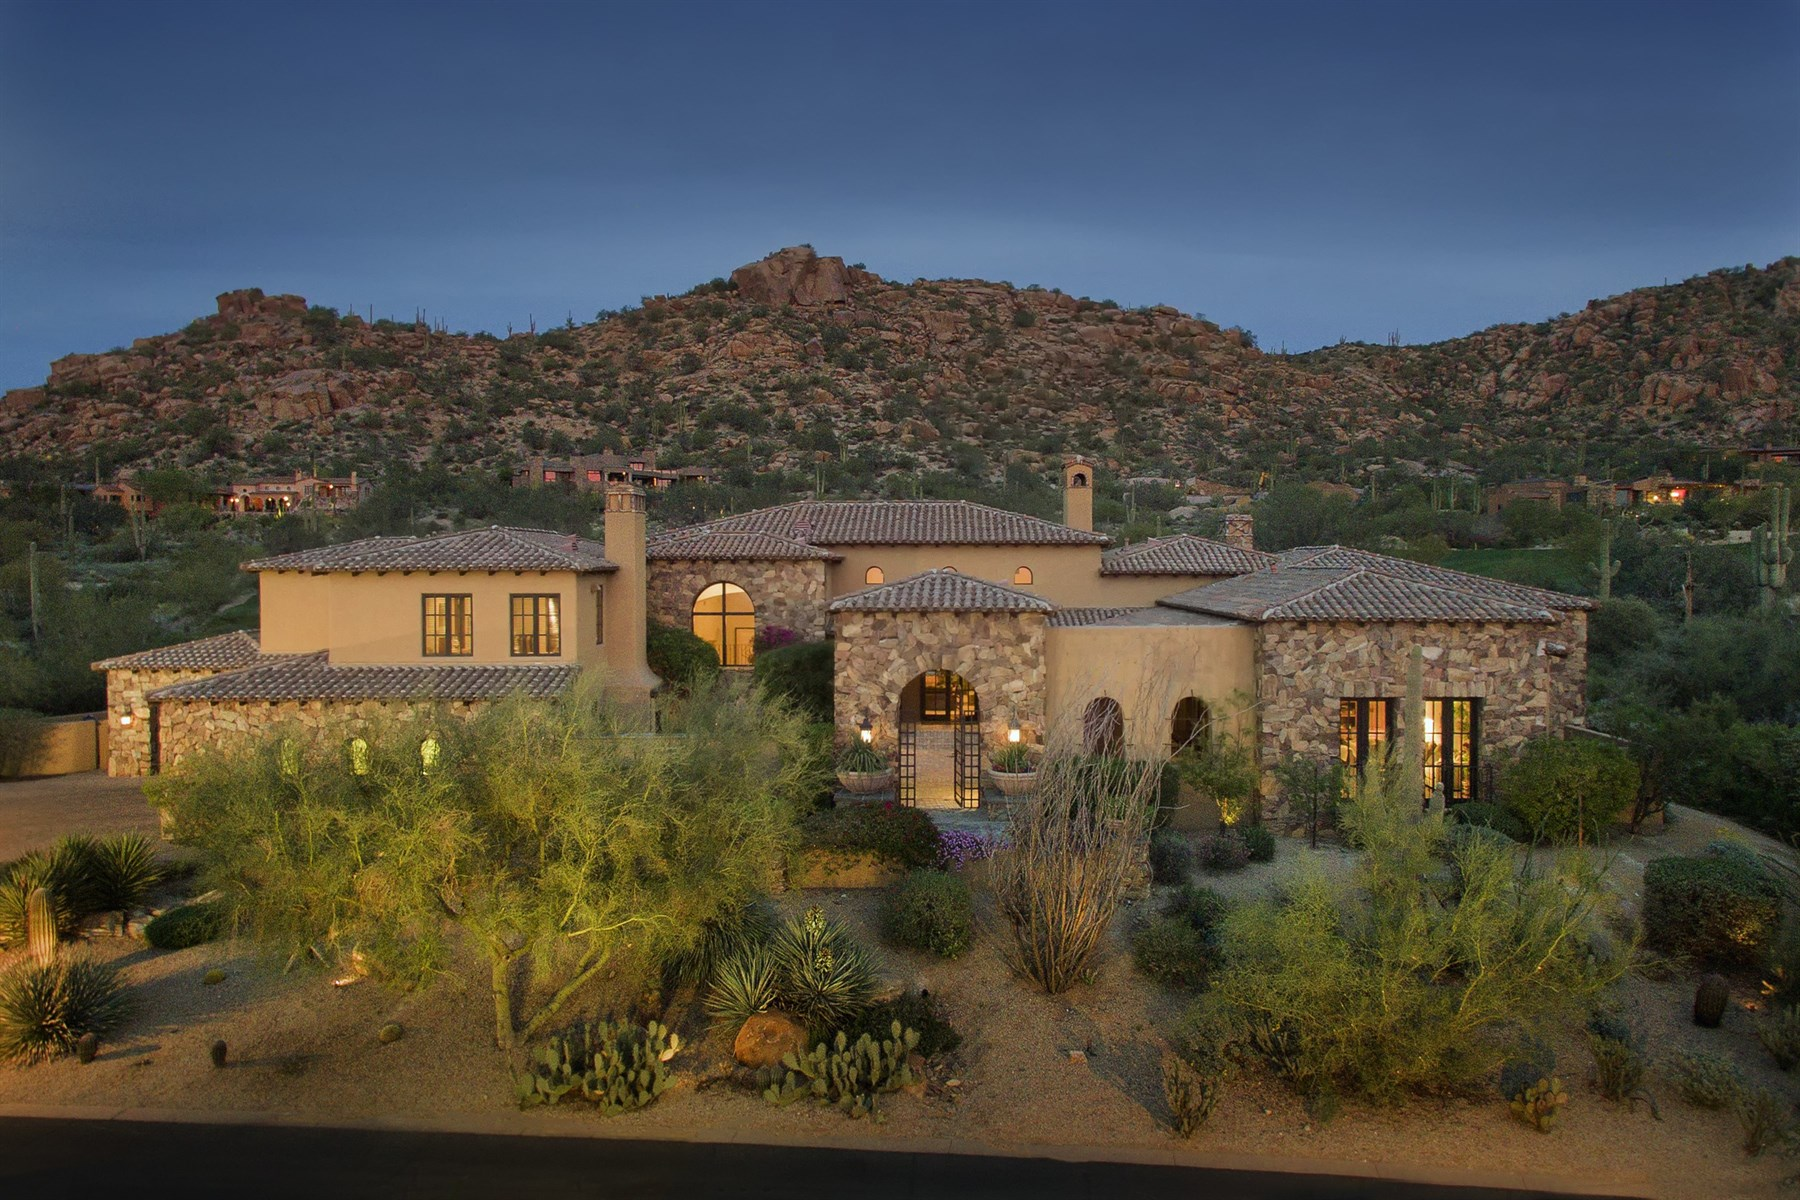 Einfamilienhaus für Verkauf beim Fantastic custom home overlooking the 8th green of world renowned Estancia 27257 N 97th Pl Scottsdale, Arizona, 85262 Vereinigte Staaten